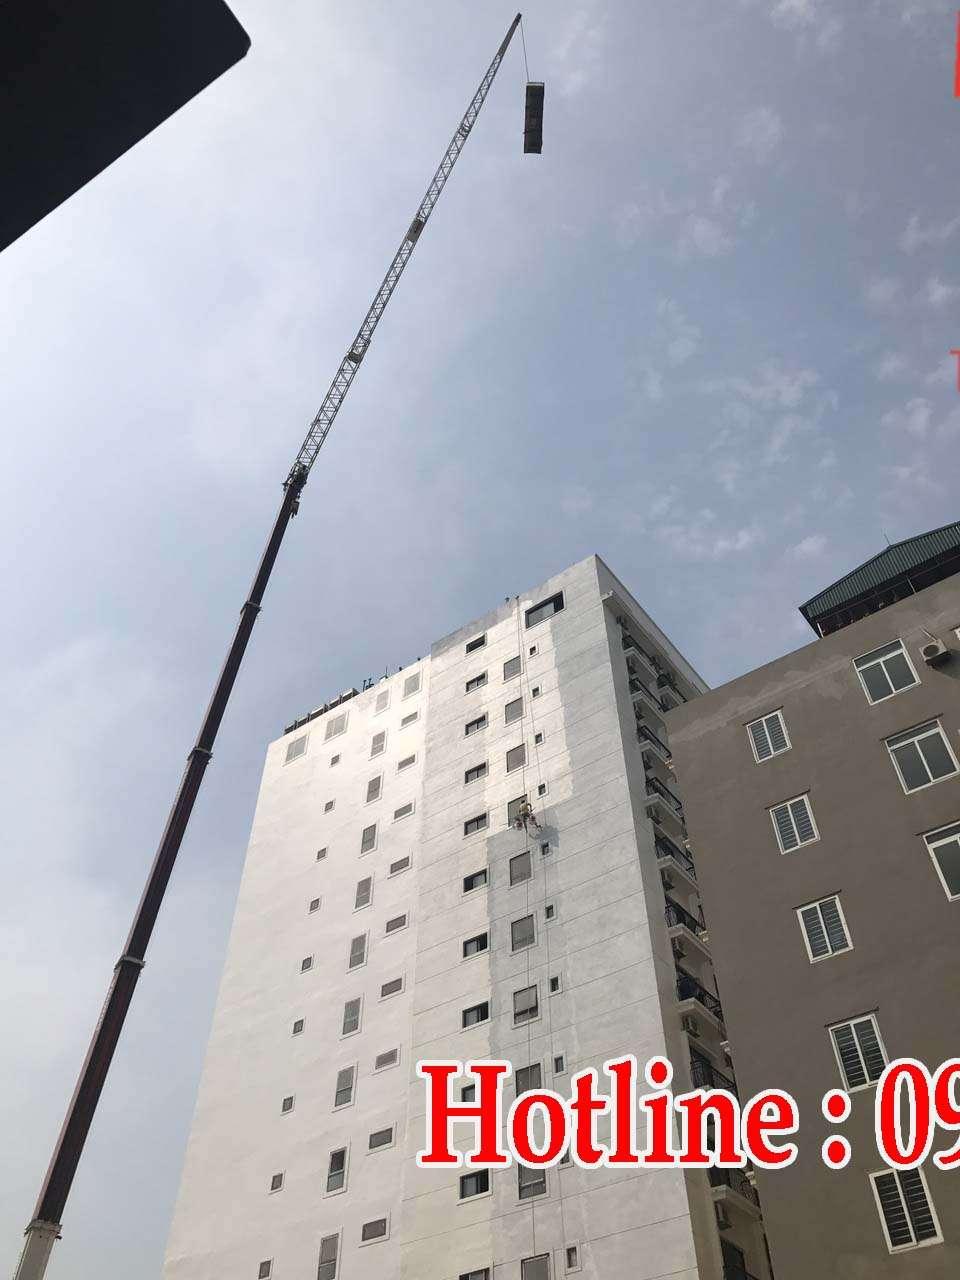 6a8f1df02262c03c9973 - Dự án lắp đặt hệ thống giặt là tại khách sạn Sầm Sơn - Thanh Hóa